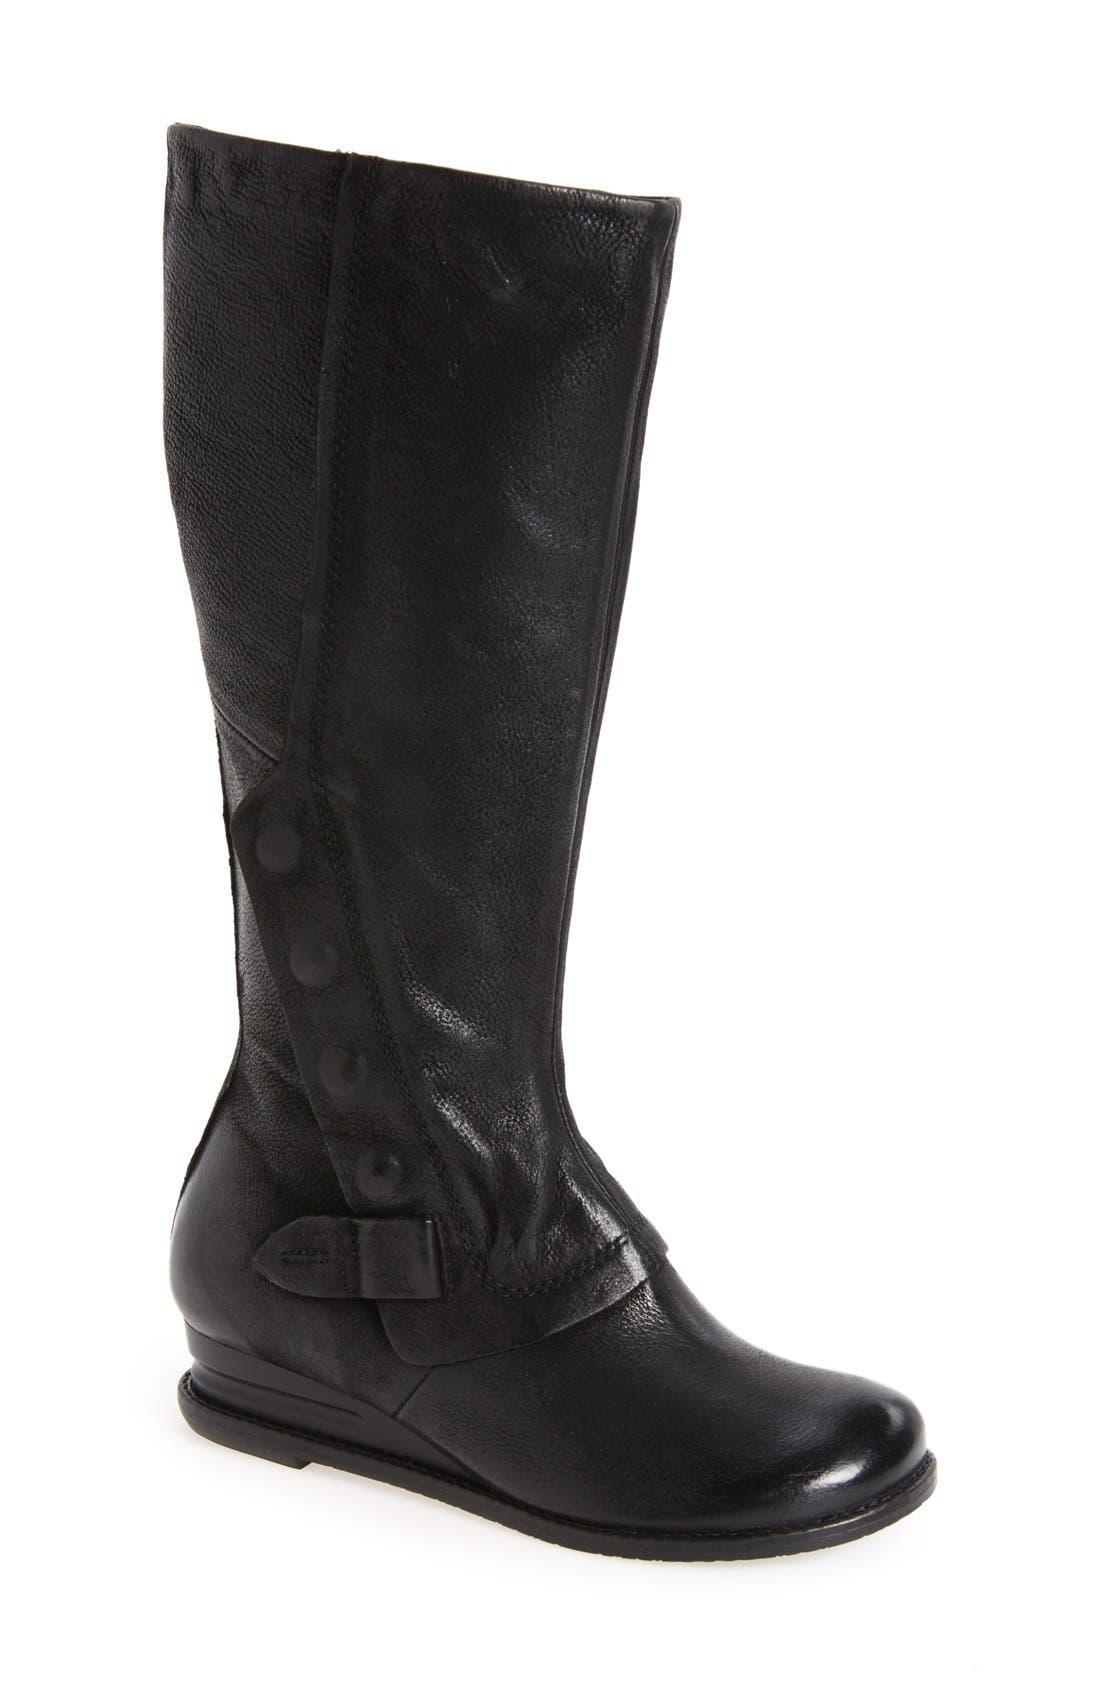 Alternate Image 1 Selected - Miz Mooz Bennett Boot (Women)